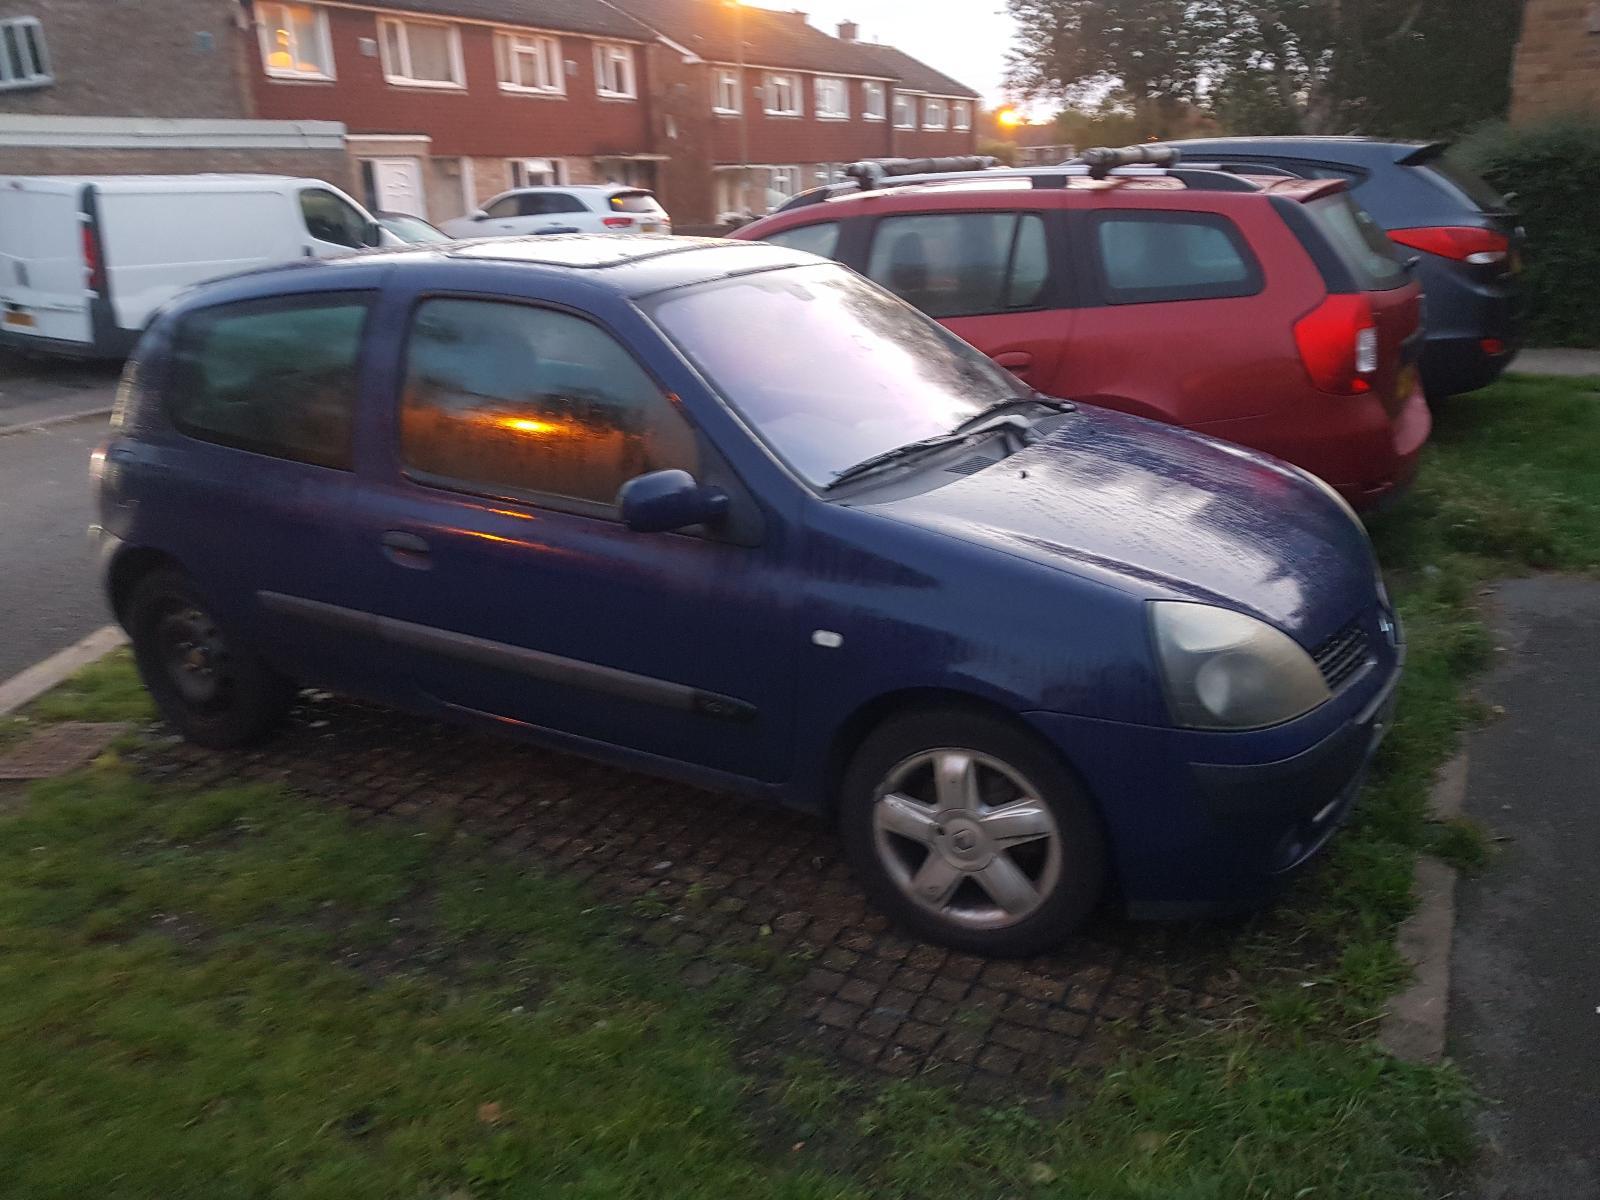 Image for a Renault Clio 2003 3 Door Hatchback